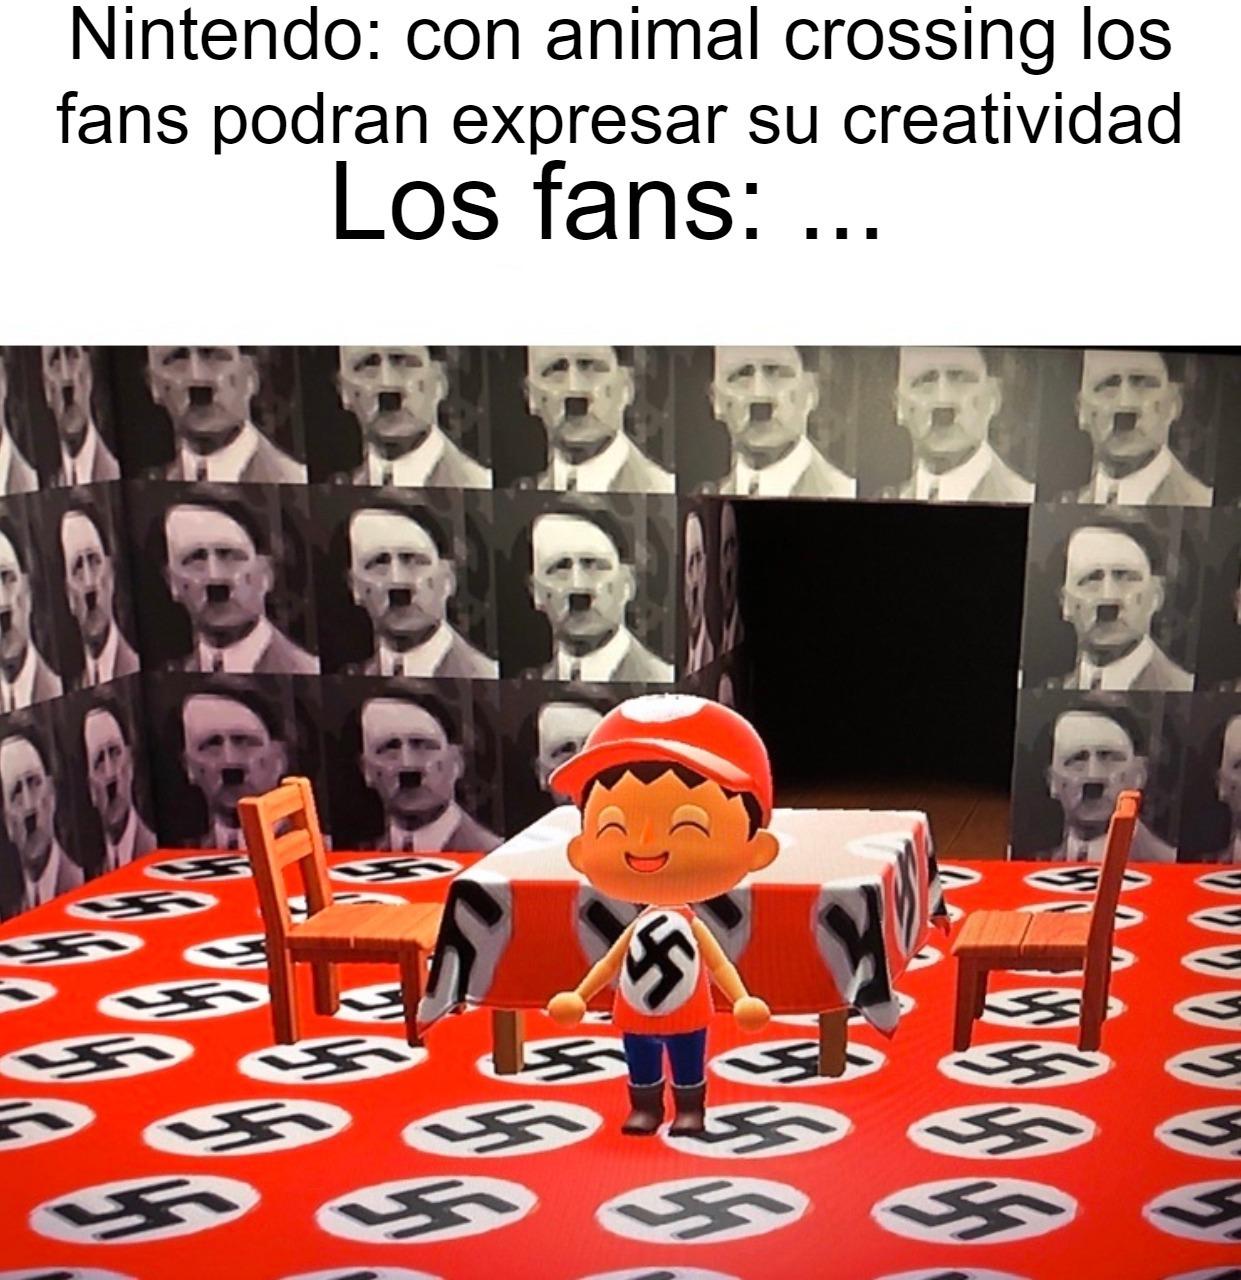 Ich weiß nicht, was ich sagen soll - meme